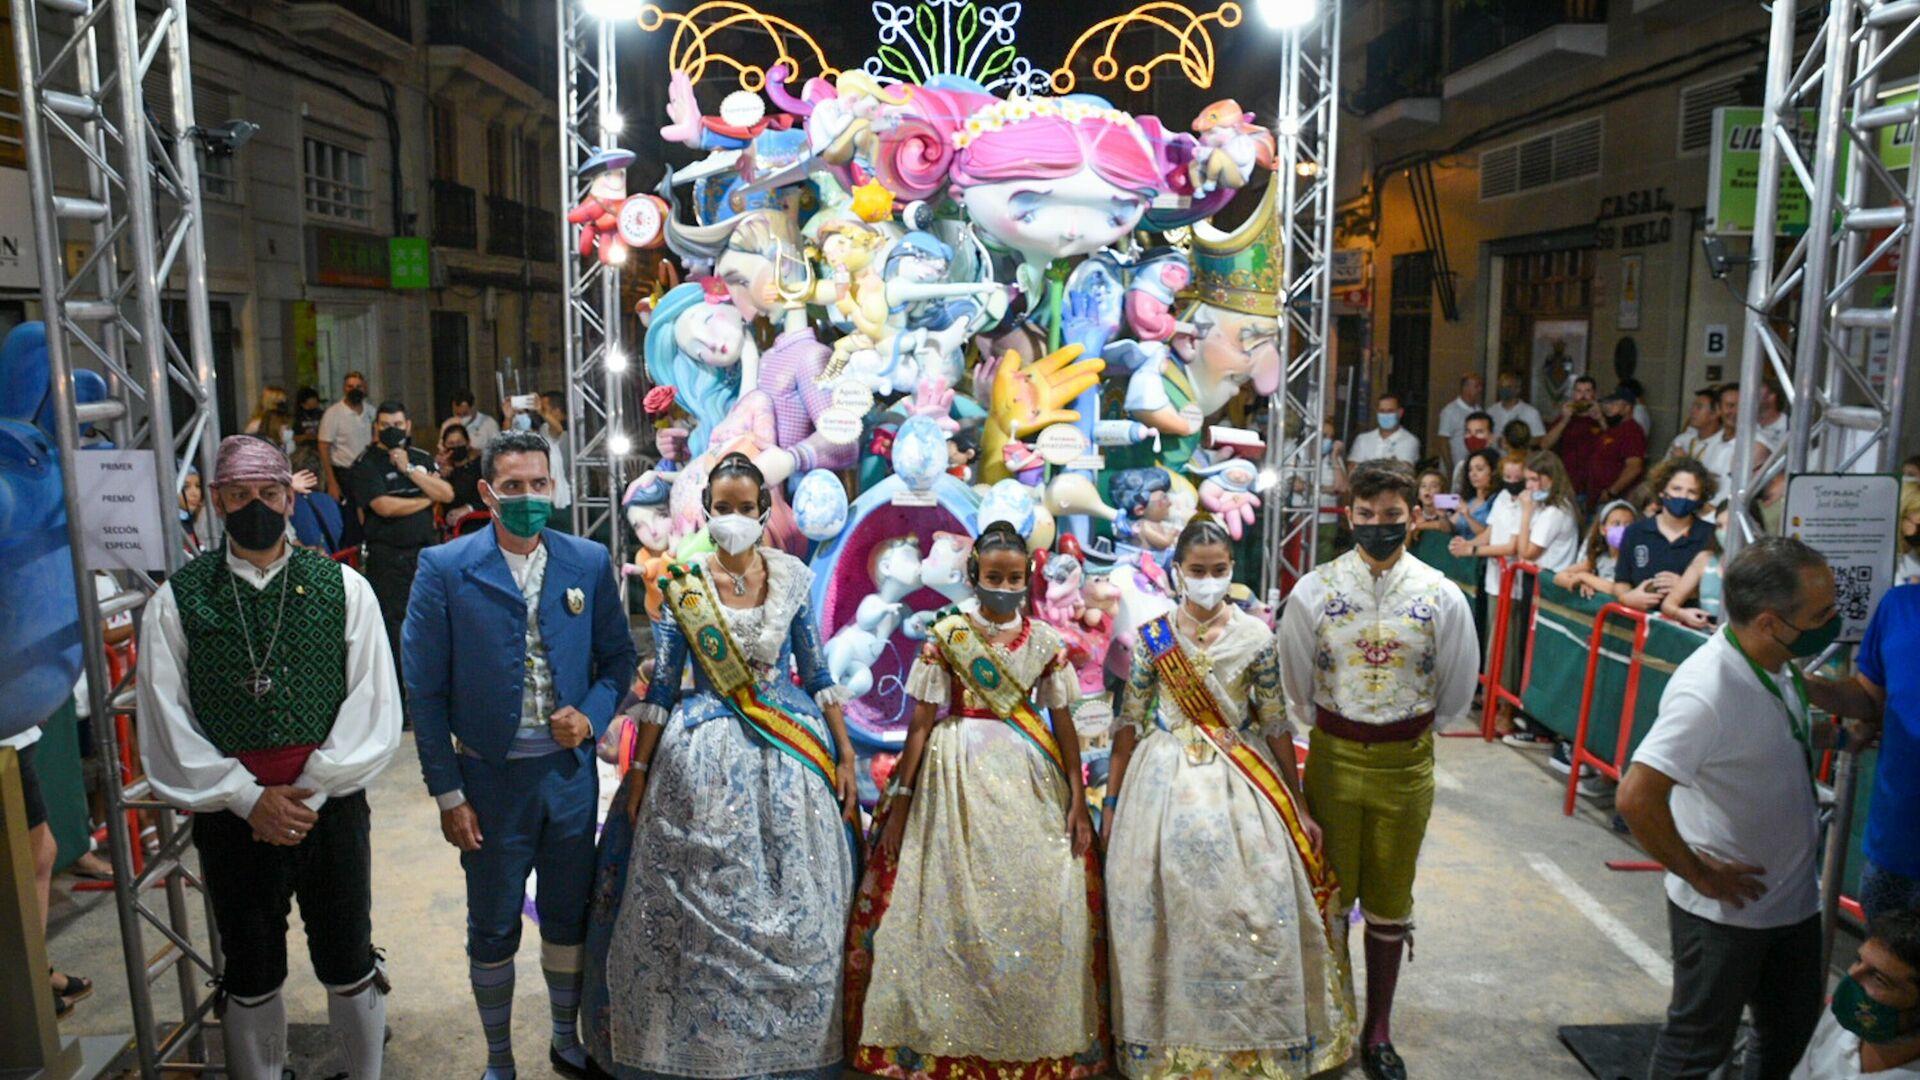 Varias personas posan en una fotografía delante de la falla infantil ganadora de las Fallas de Valencia 2021 - Sputnik Mundo, 1920, 02.09.2021